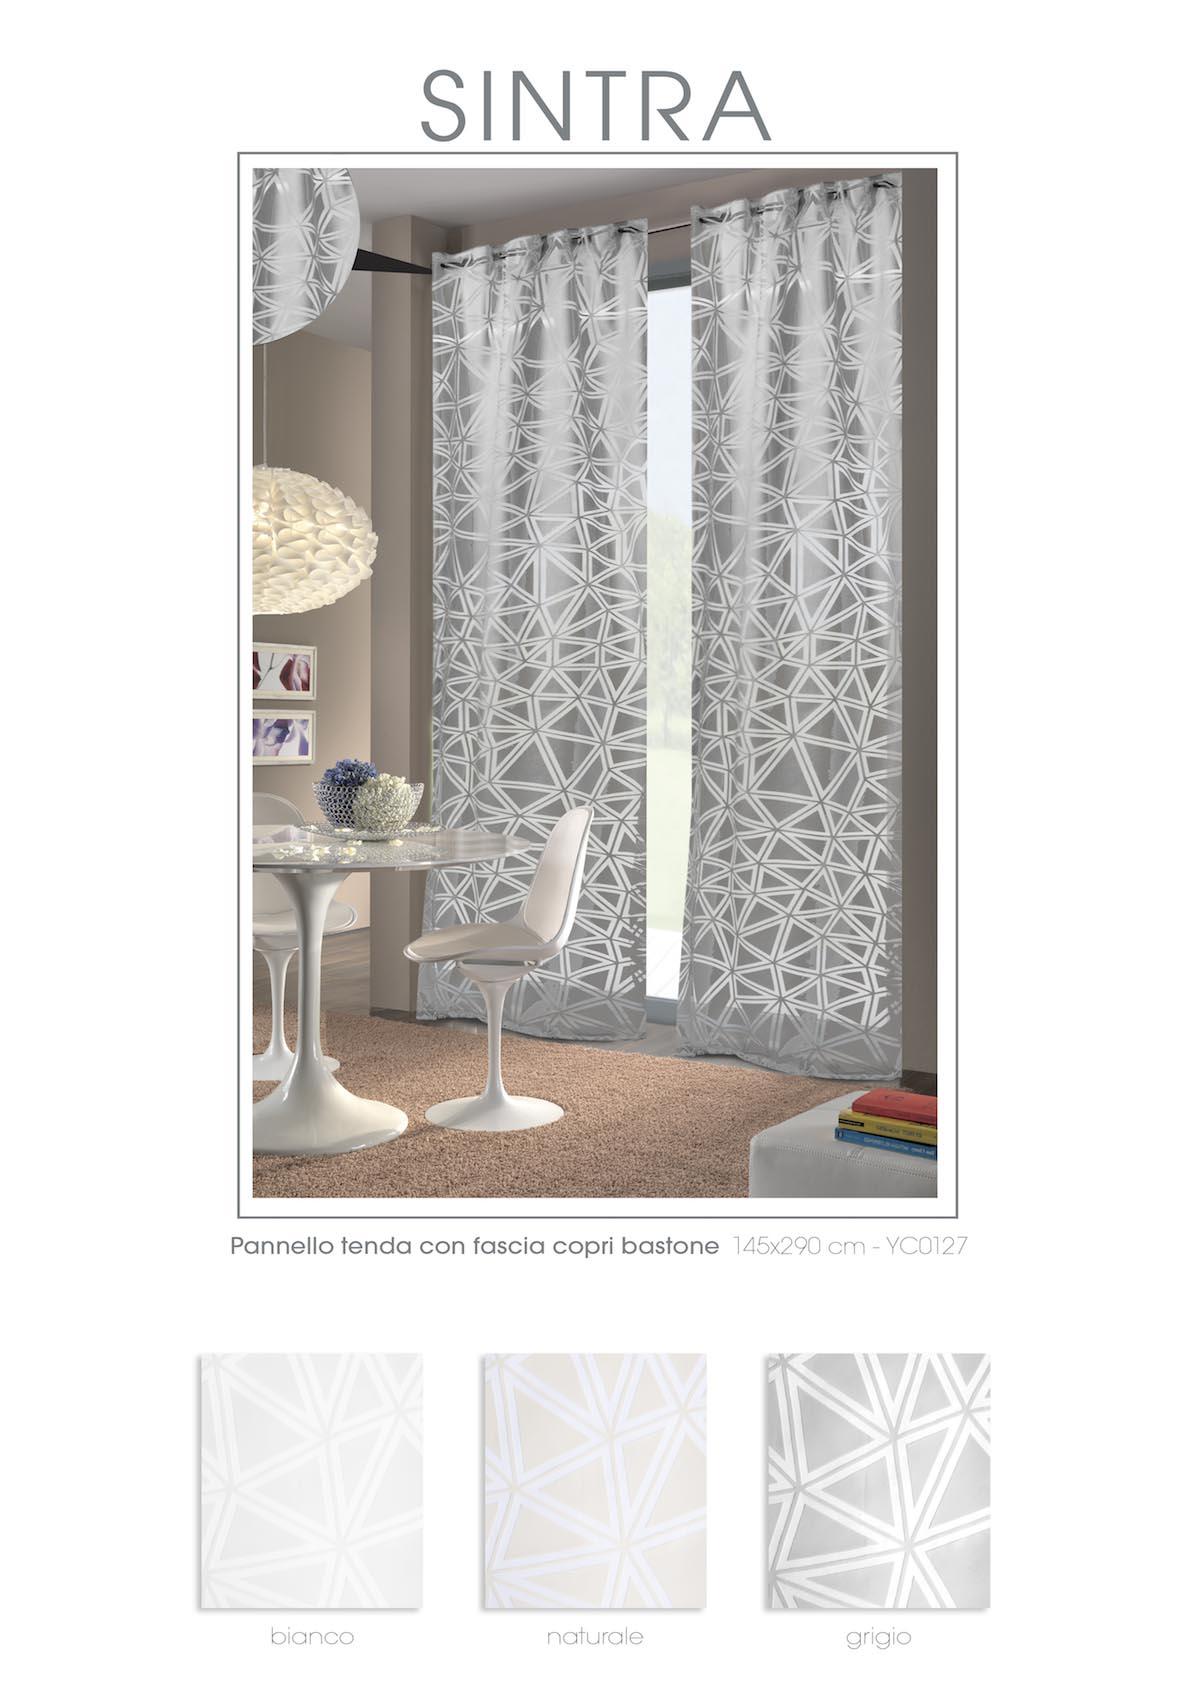 Le tende a pannello sono caratterizzate da una vasta gamma di tessuti tecnici di altissima qualità. Mae Ready Made Curtains Via Roma 60